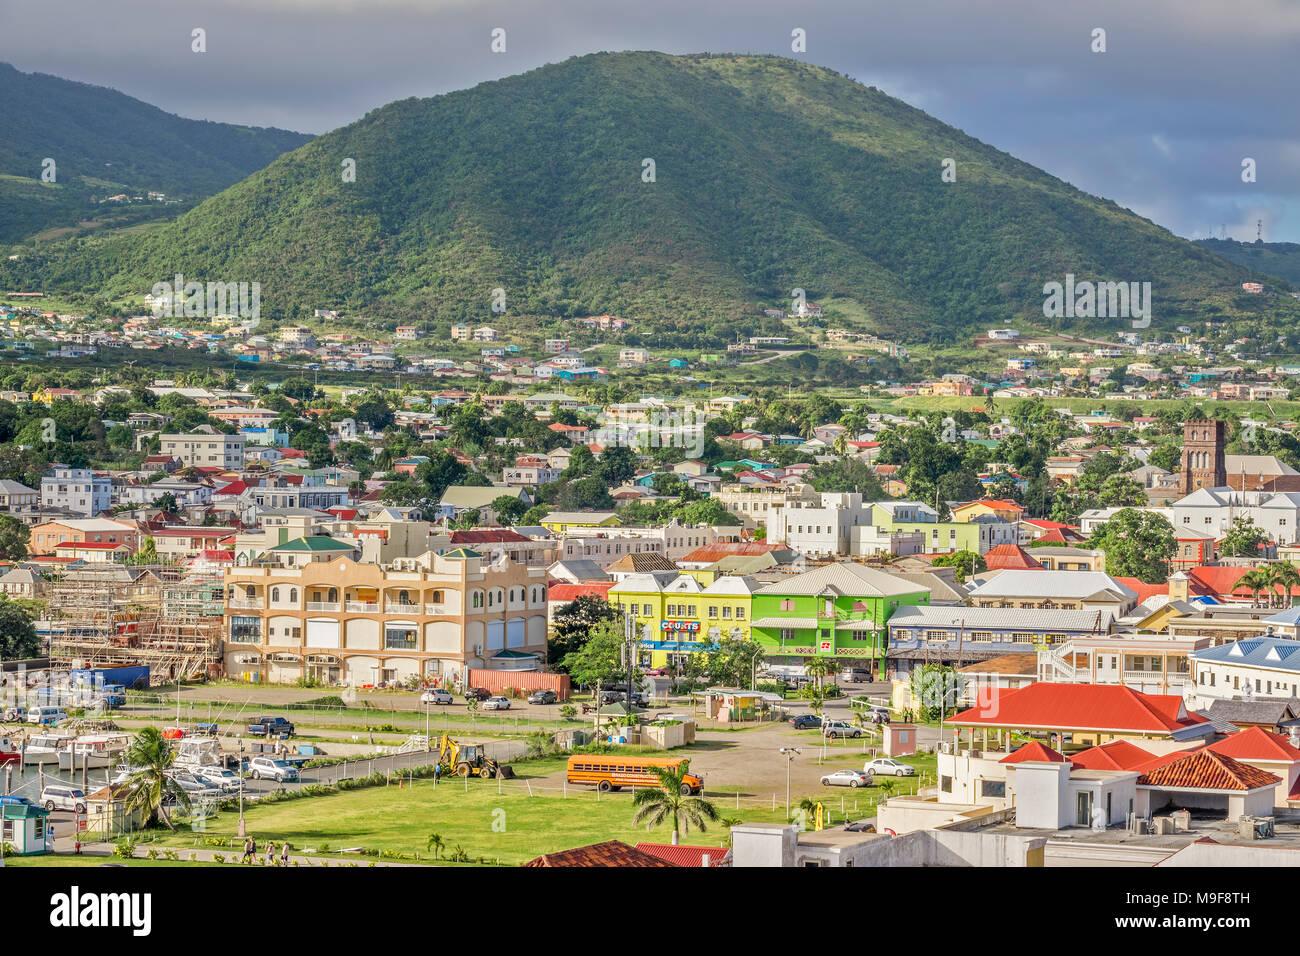 Basseterre, Saint Kitts, West Indies Banque D'Images